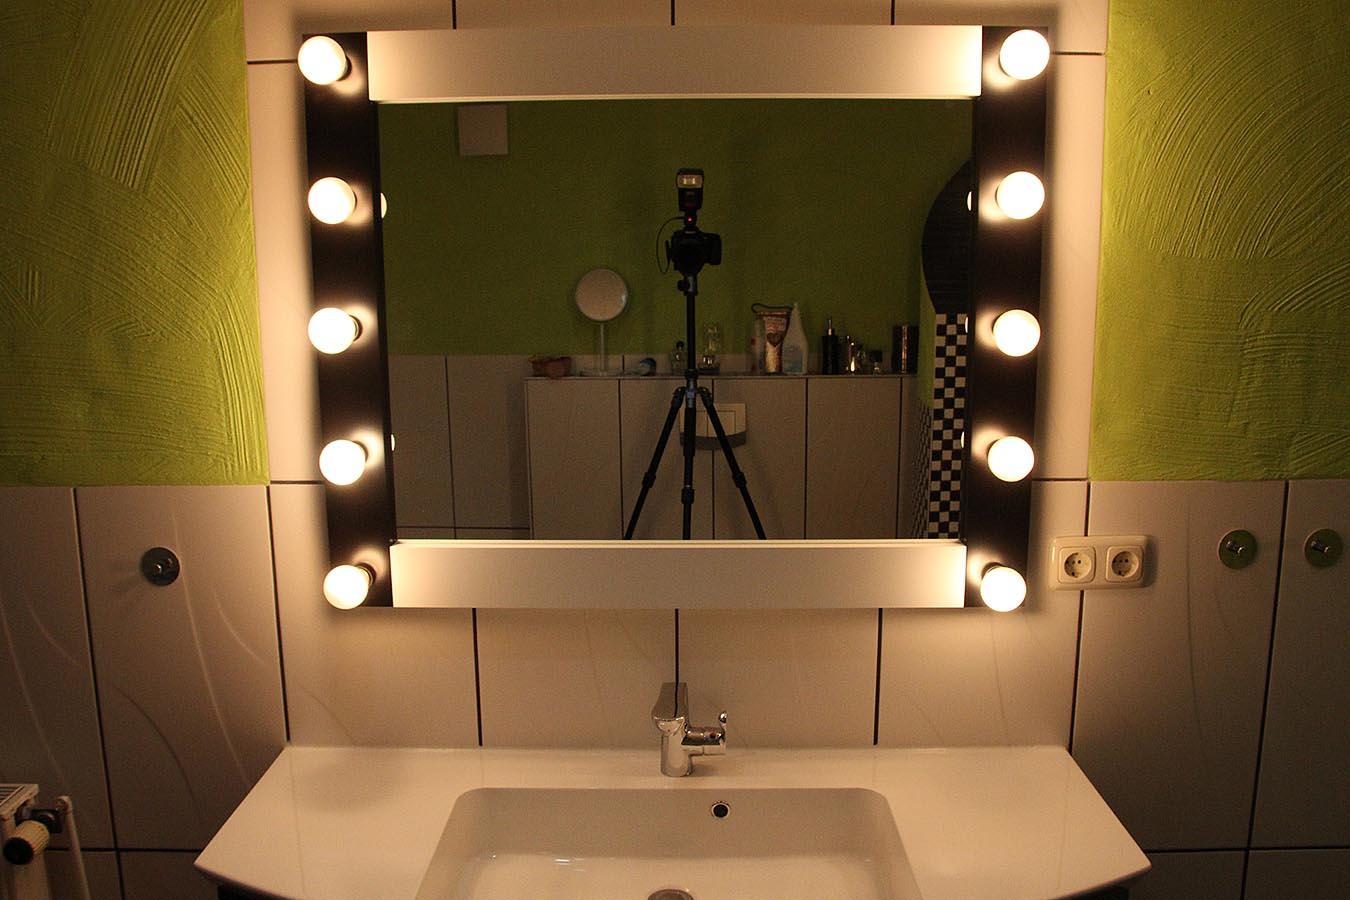 Bathroom Mirror with Light./ Badezimmer Dekoration und Badezimmerausstattung M1ZP-06-40x40 Unterschiedliche Lichtanordnung Wandspiegel Gro/ß und Klein ARTTOR Spiegel mit Licht